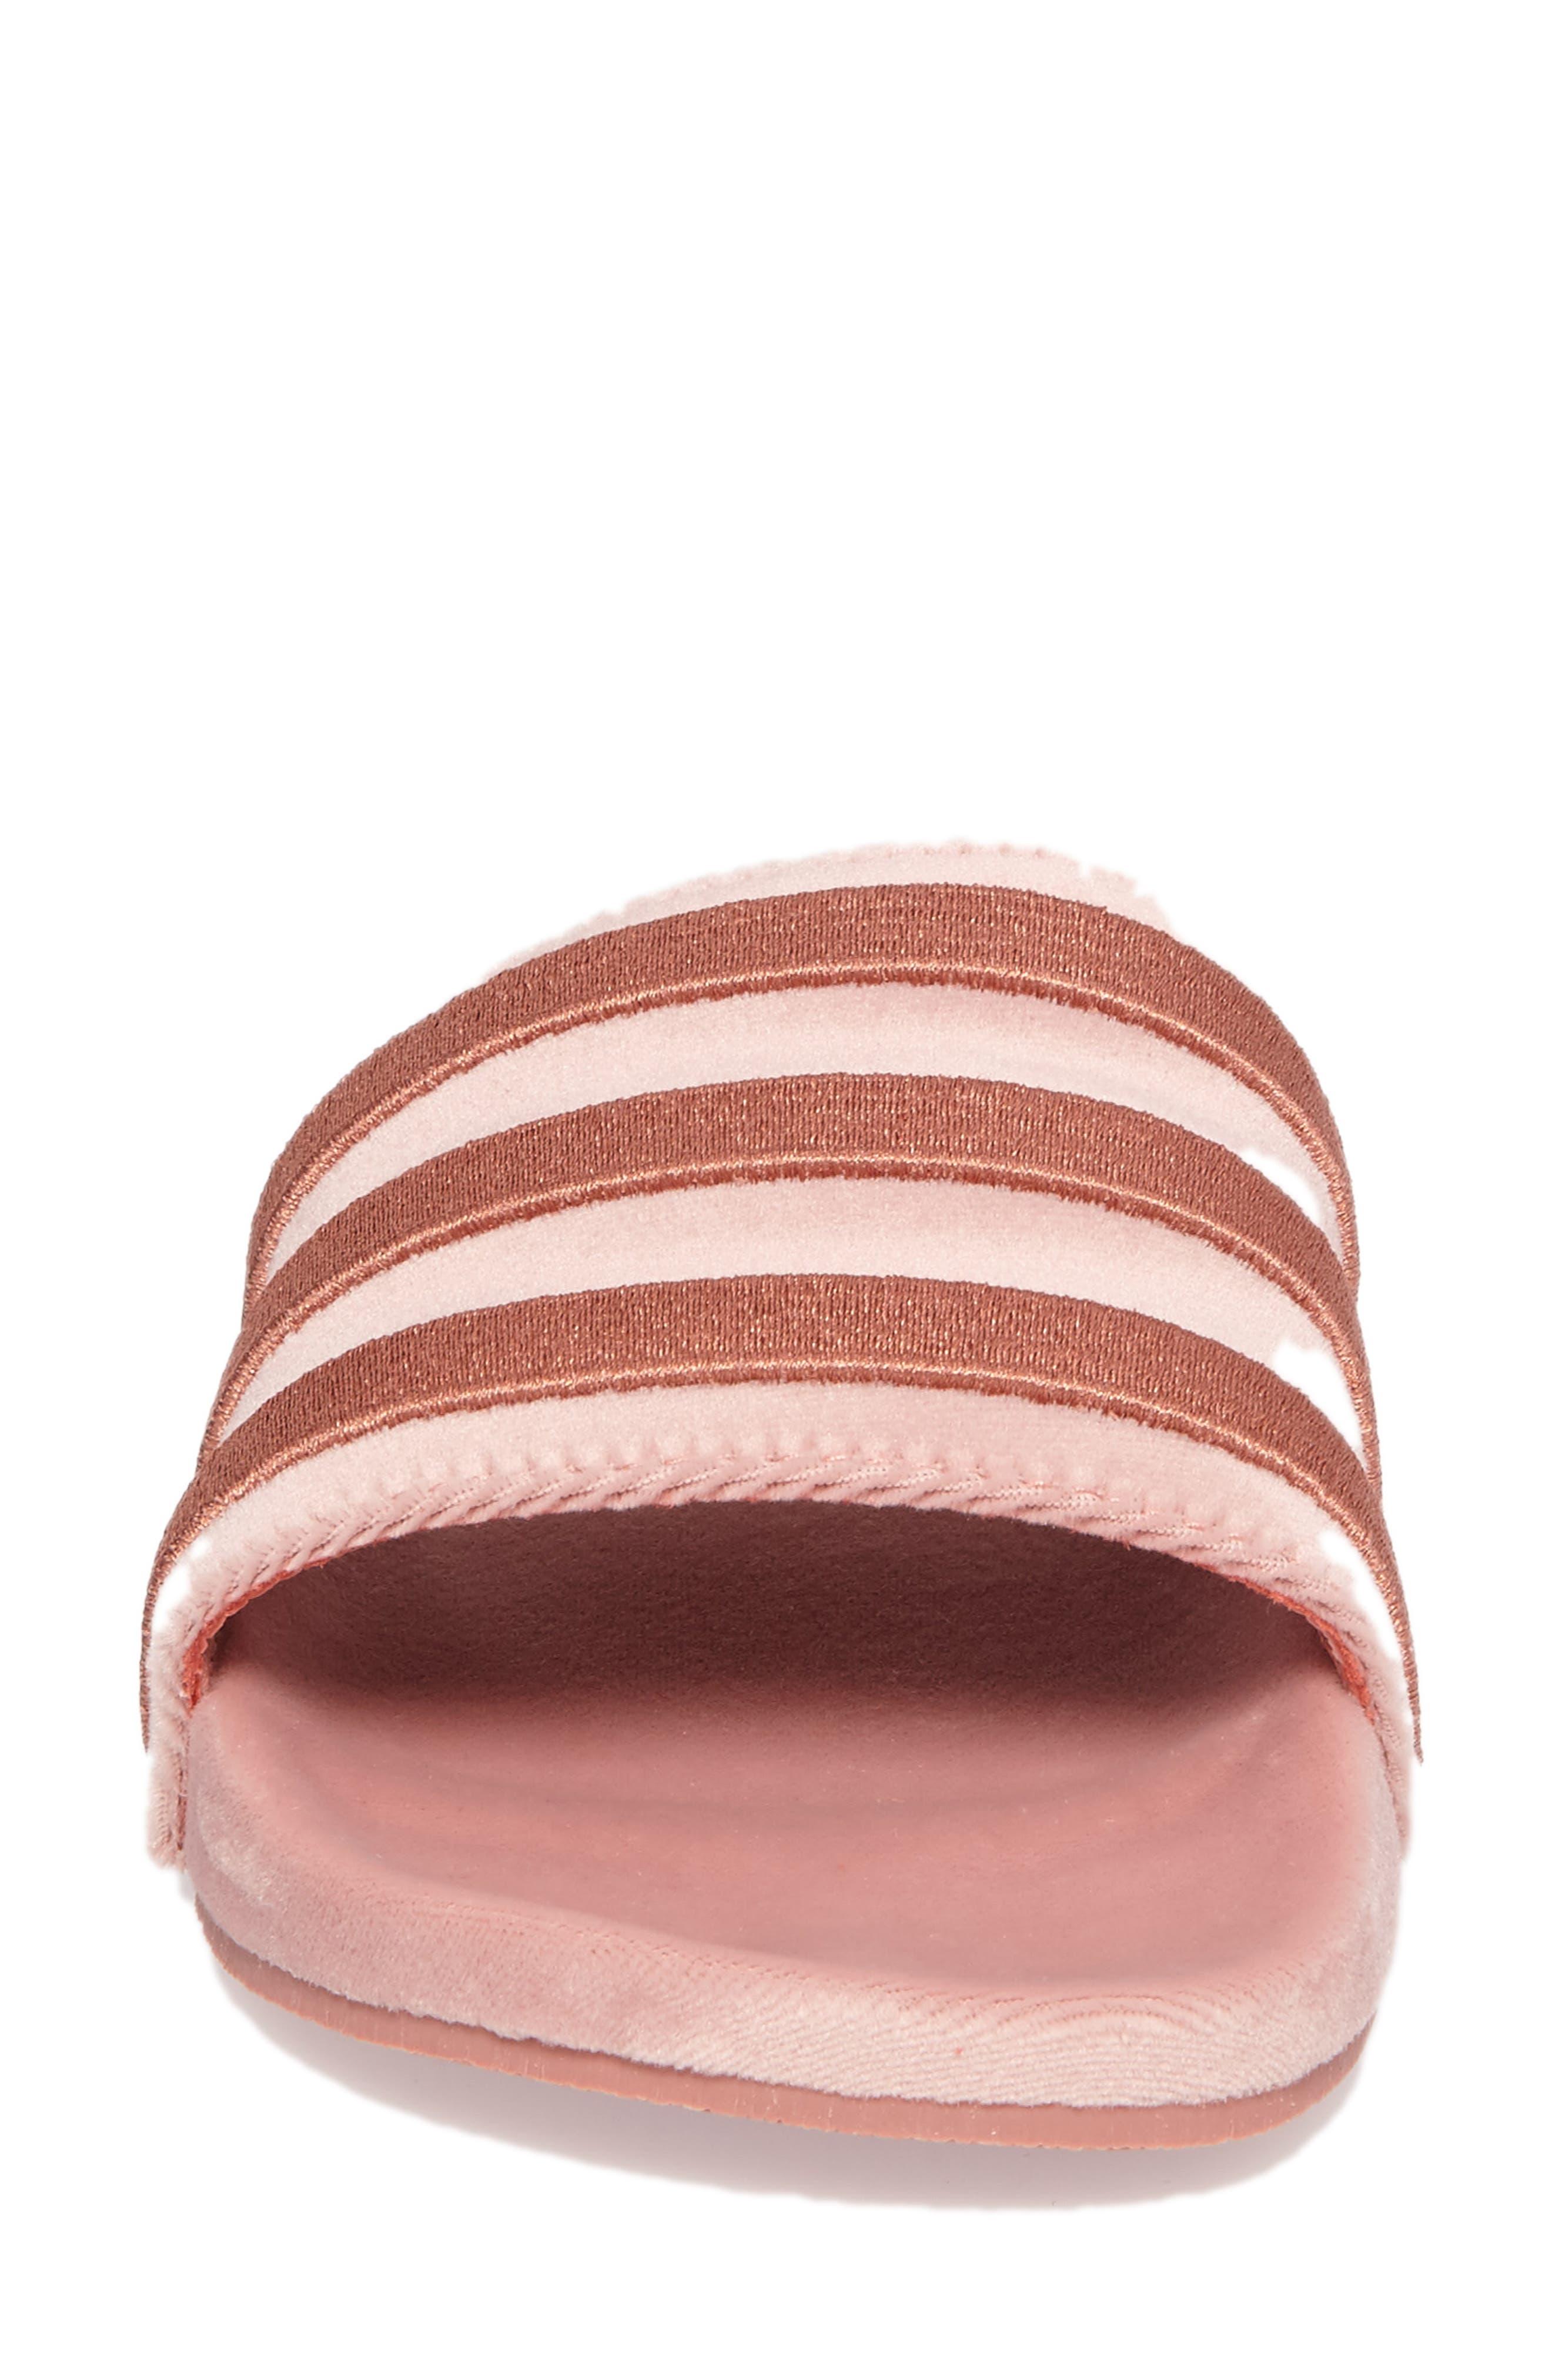 Alternate Image 4  - adidas 'Adilette' Slide Sandal (Women)